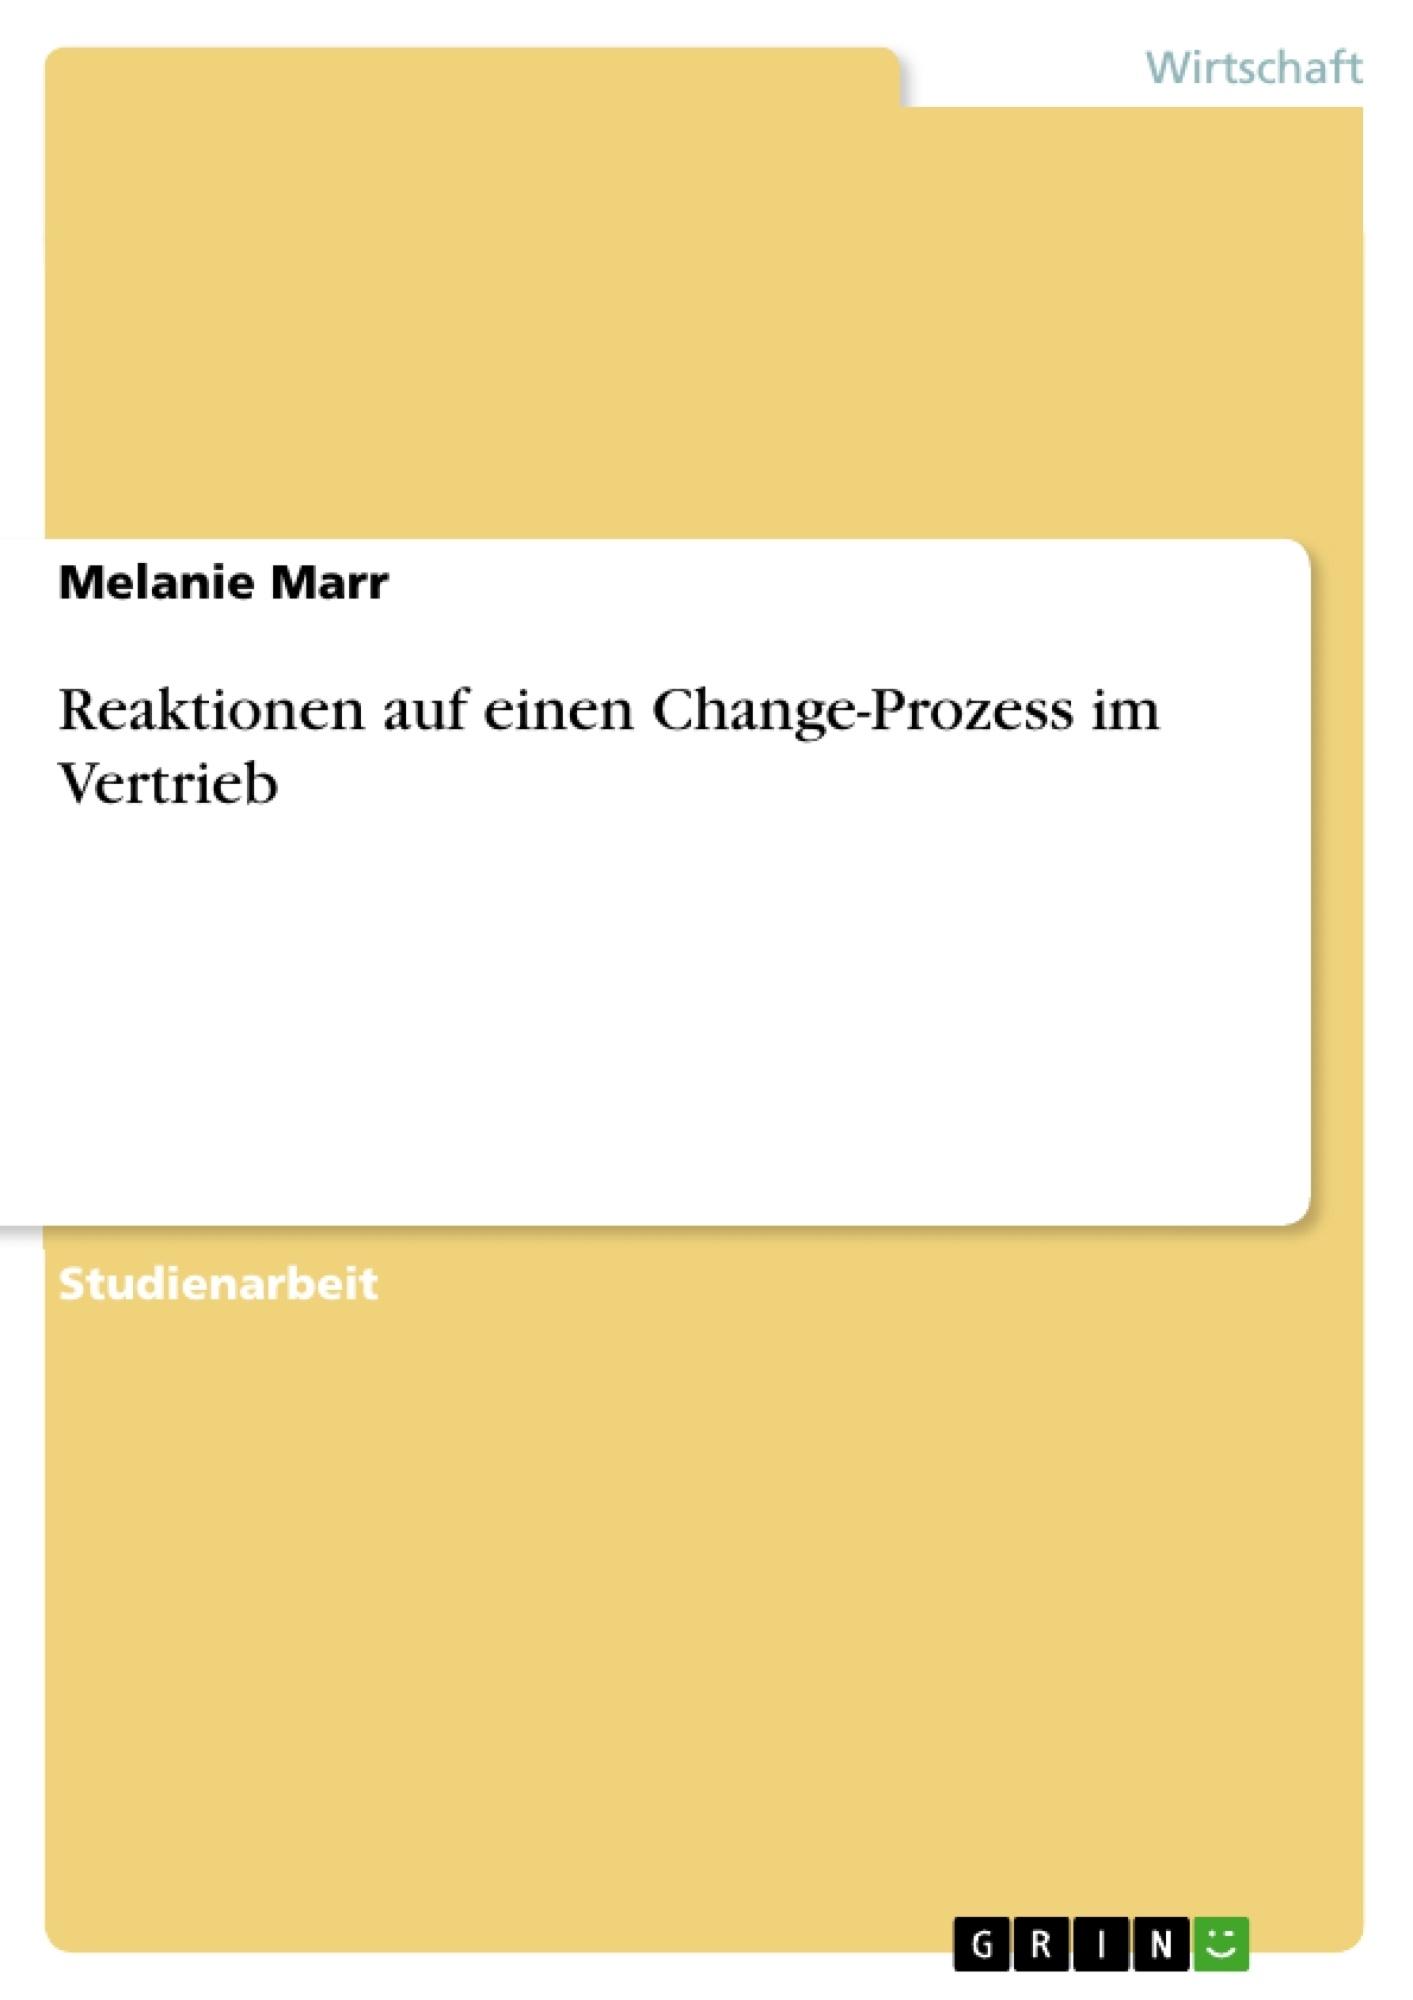 Titel: Reaktionen auf einen Change-Prozess im Vertrieb